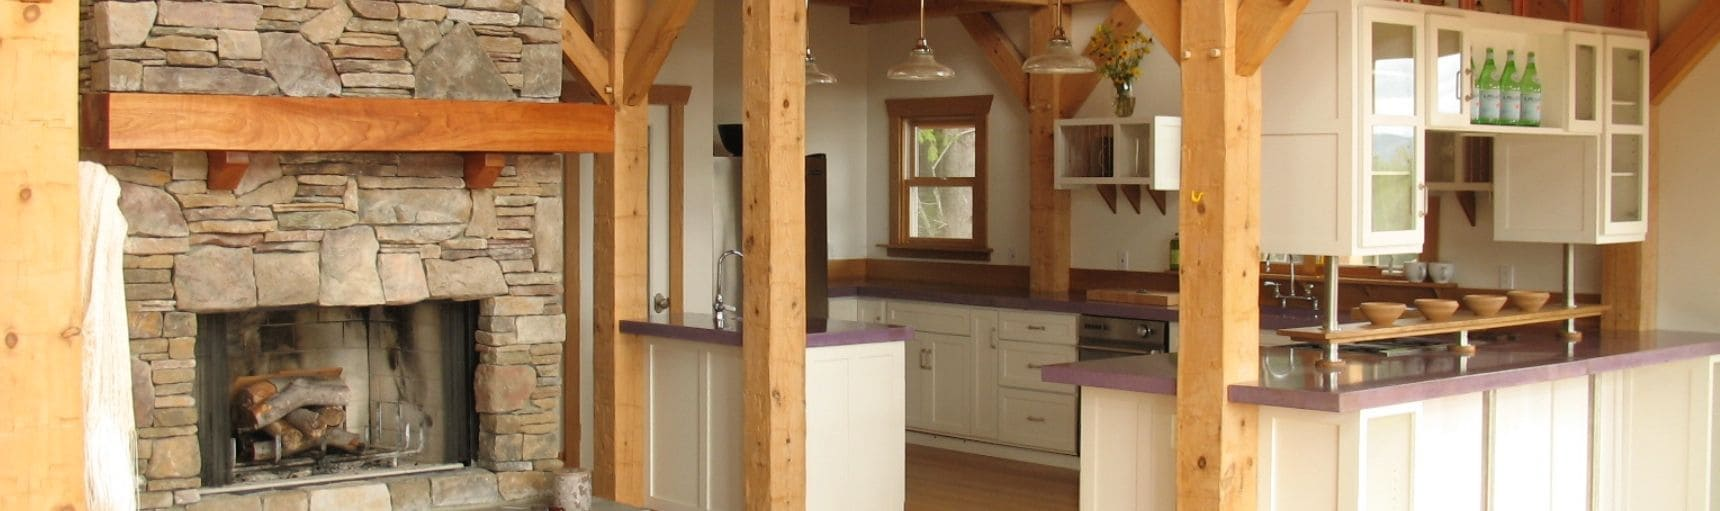 Casas de madera top viviendas precios compra y venta for Puertas prefabricadas precios